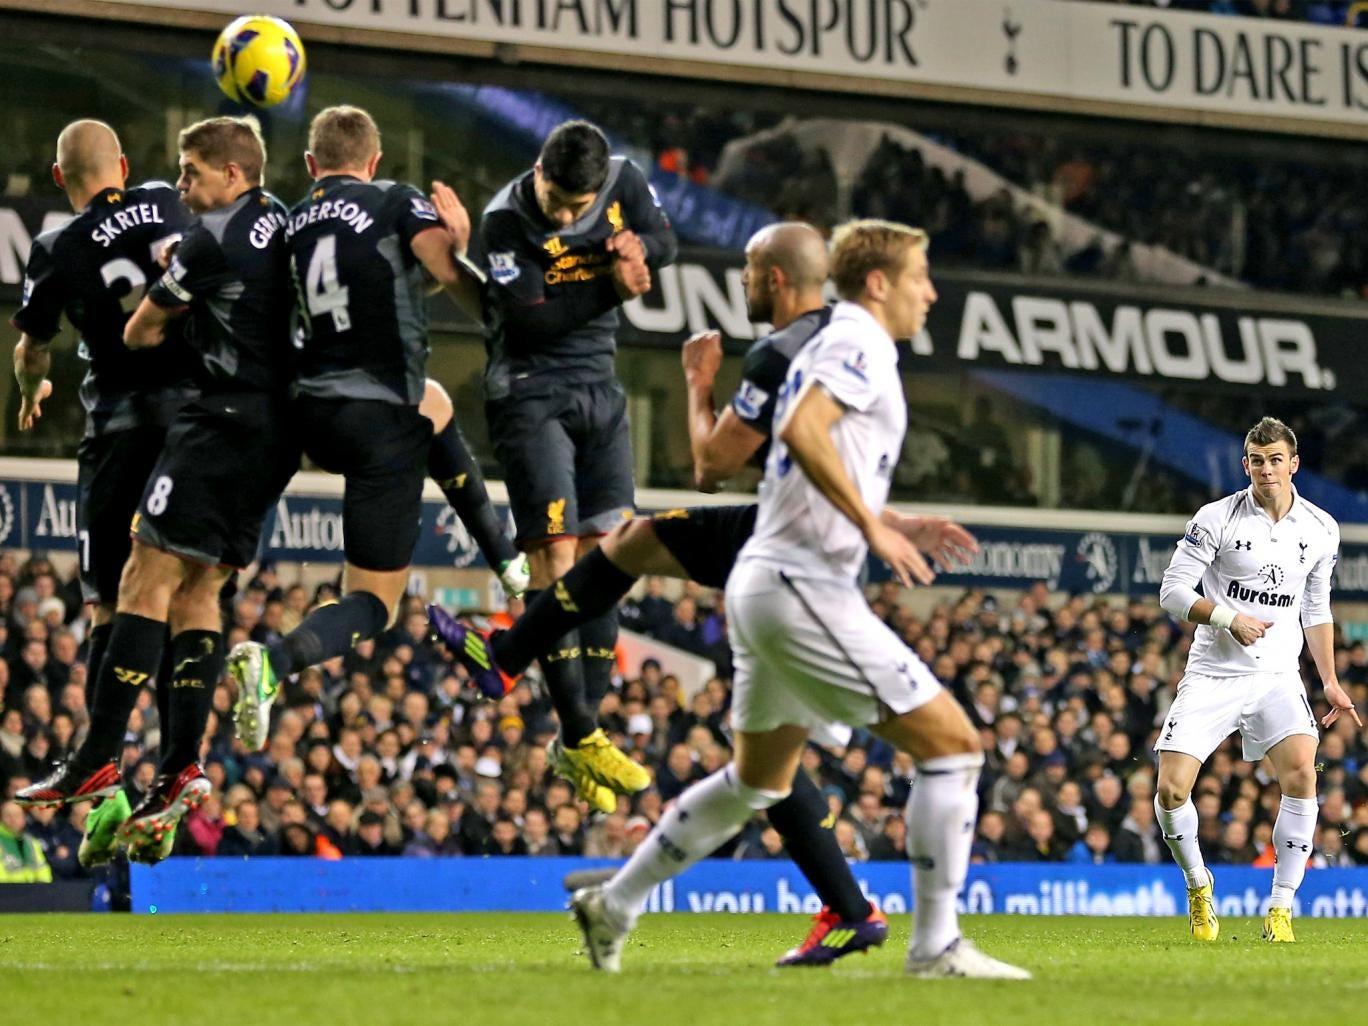 Gareth Bale scores Tottenham's second goal last night